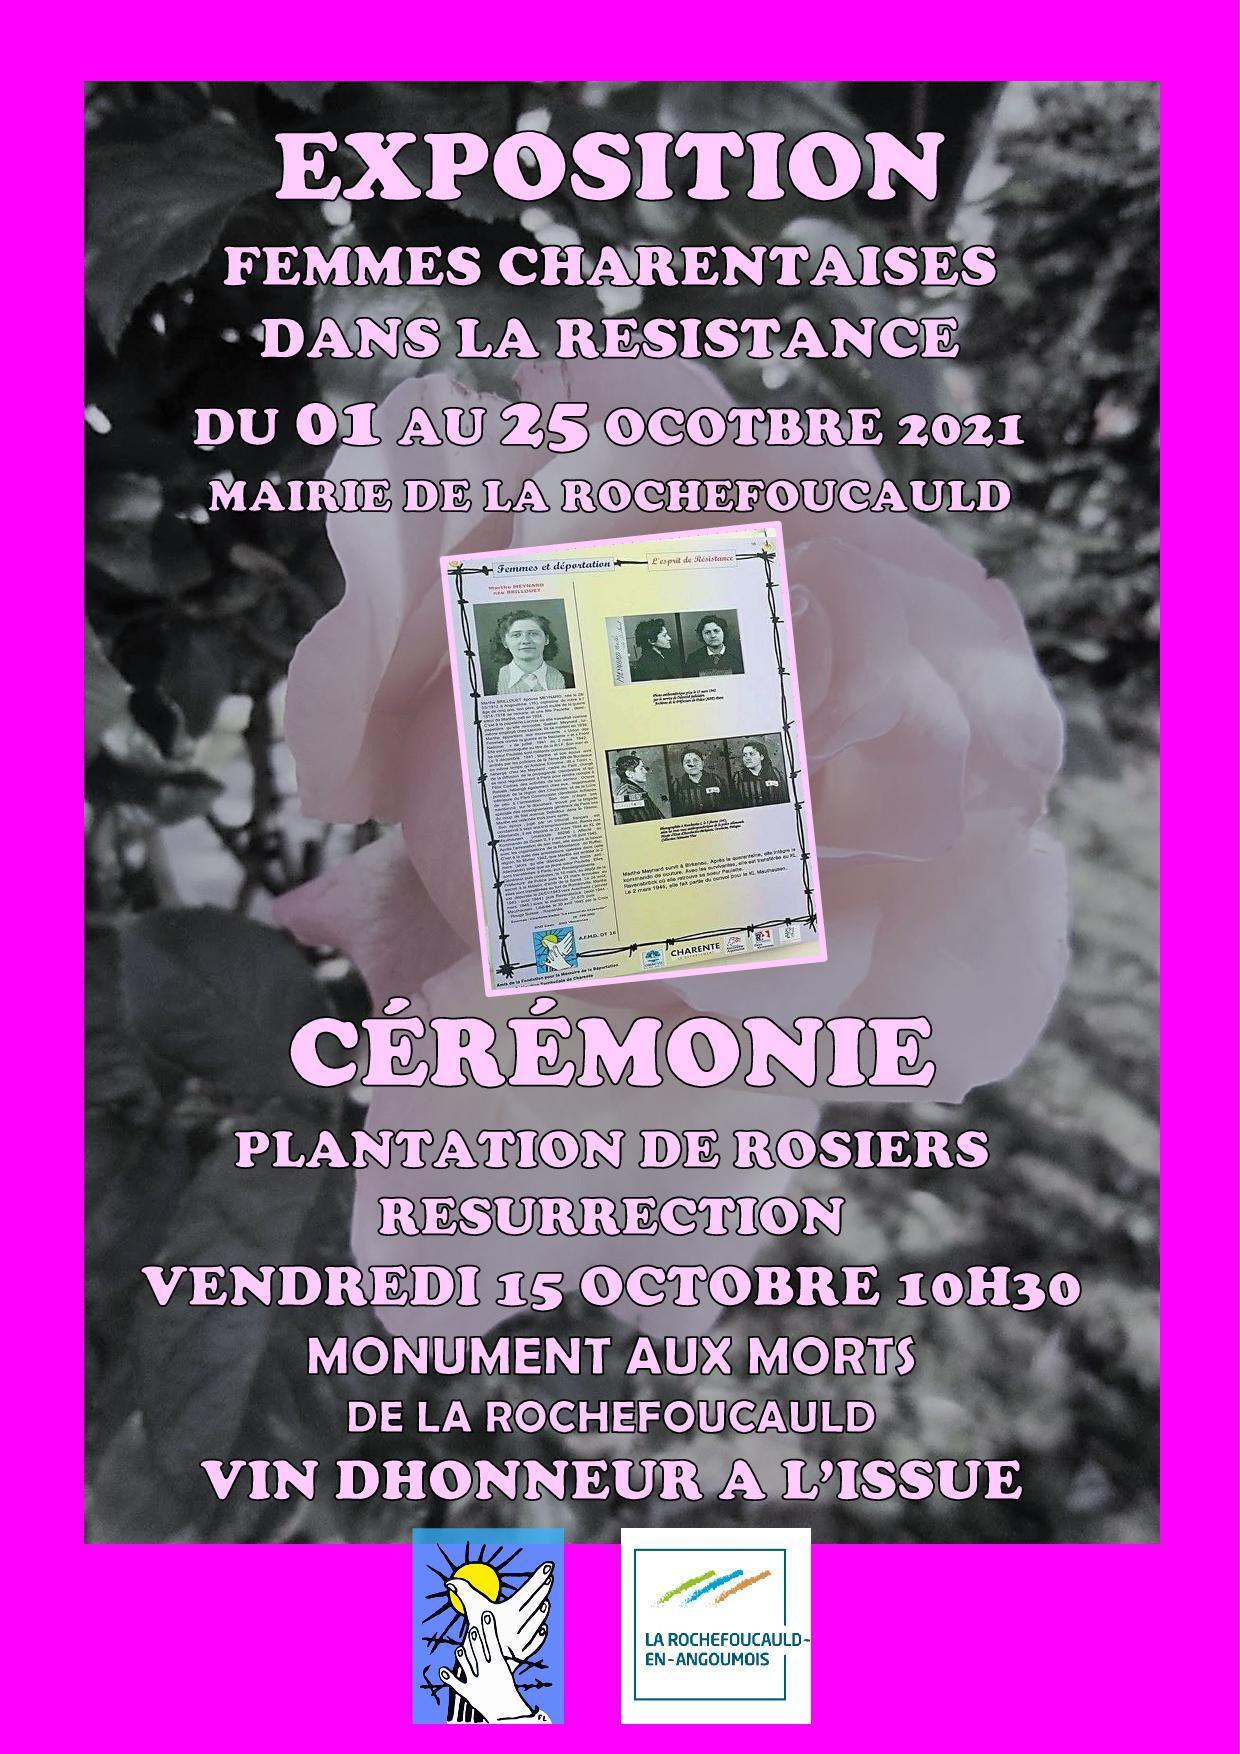 Expo femmes charentaises dans la resistance oct2021